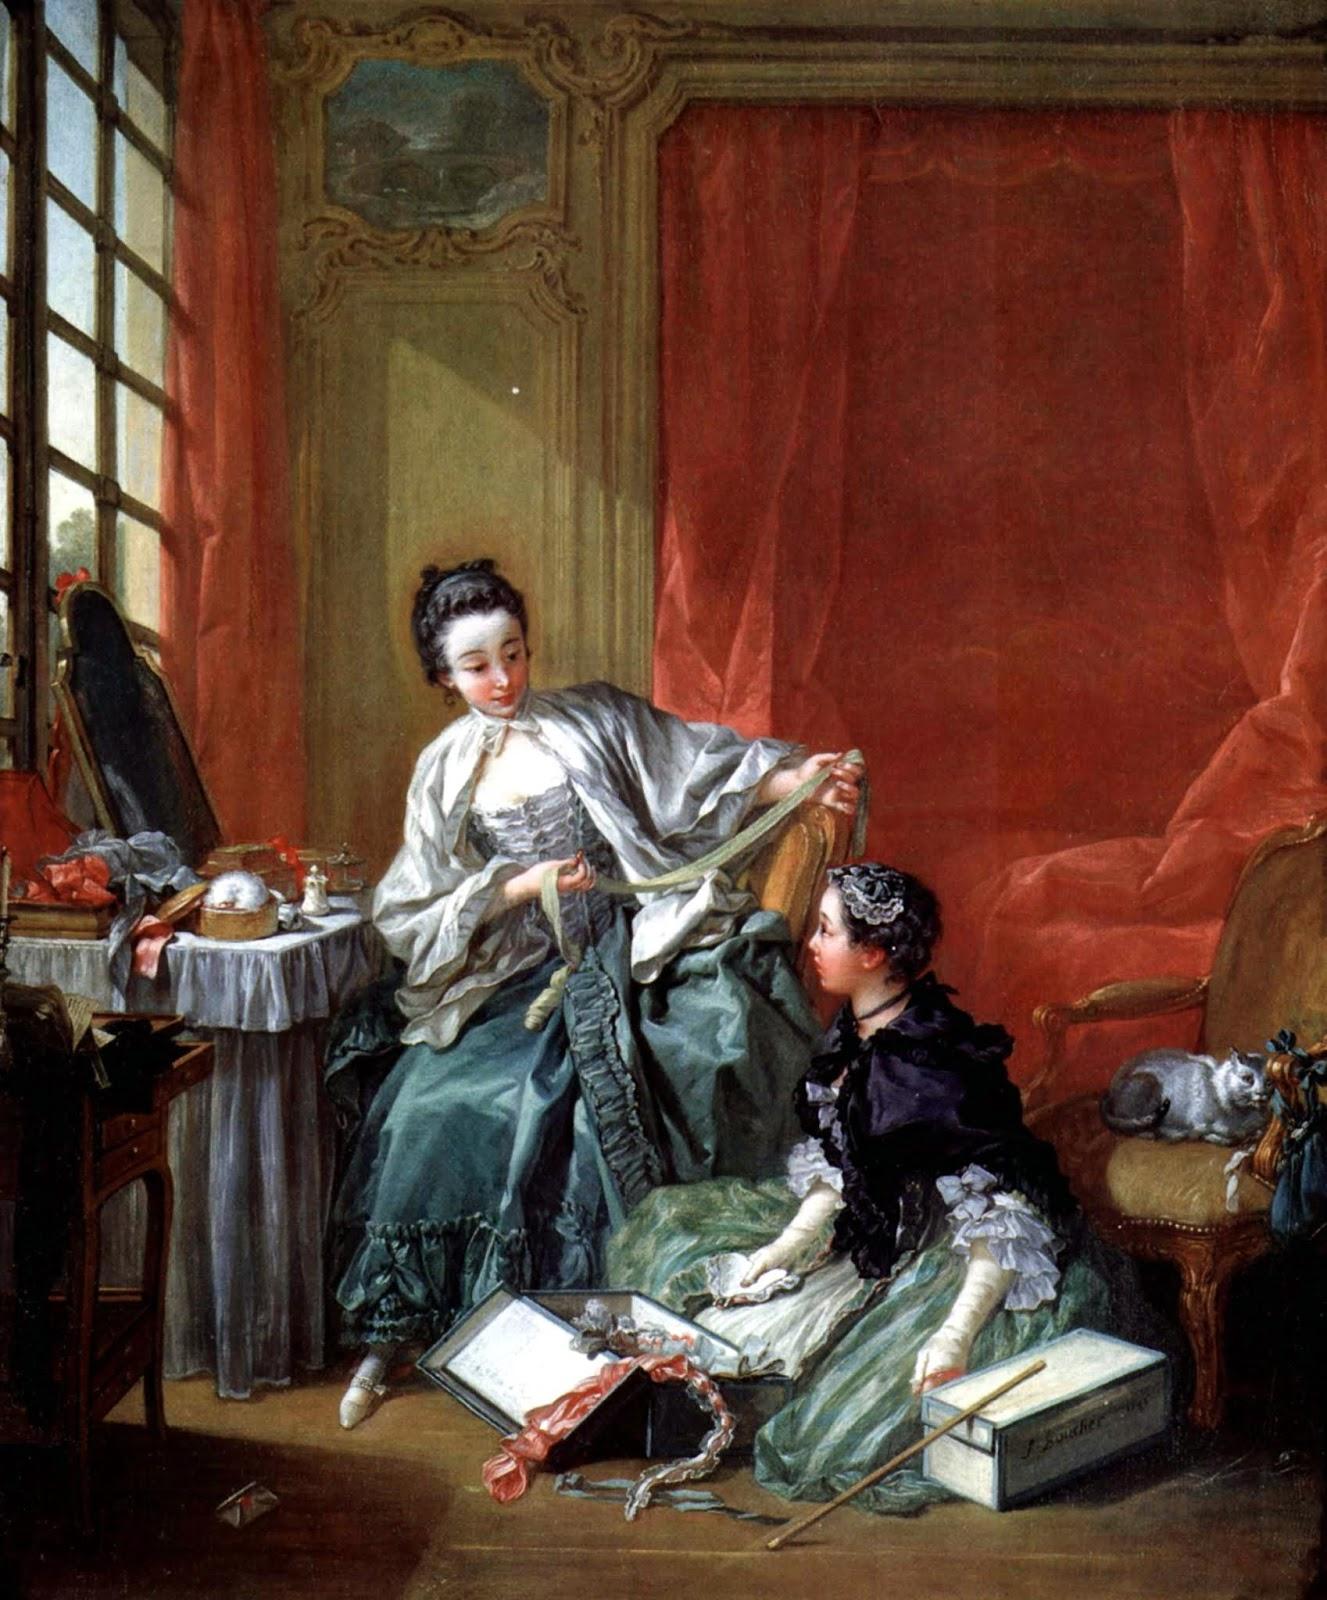 Krawcy, krawcowe i sprzedawczynie mody: zakupy odzieżowe w XVIII-wiecznej Francji